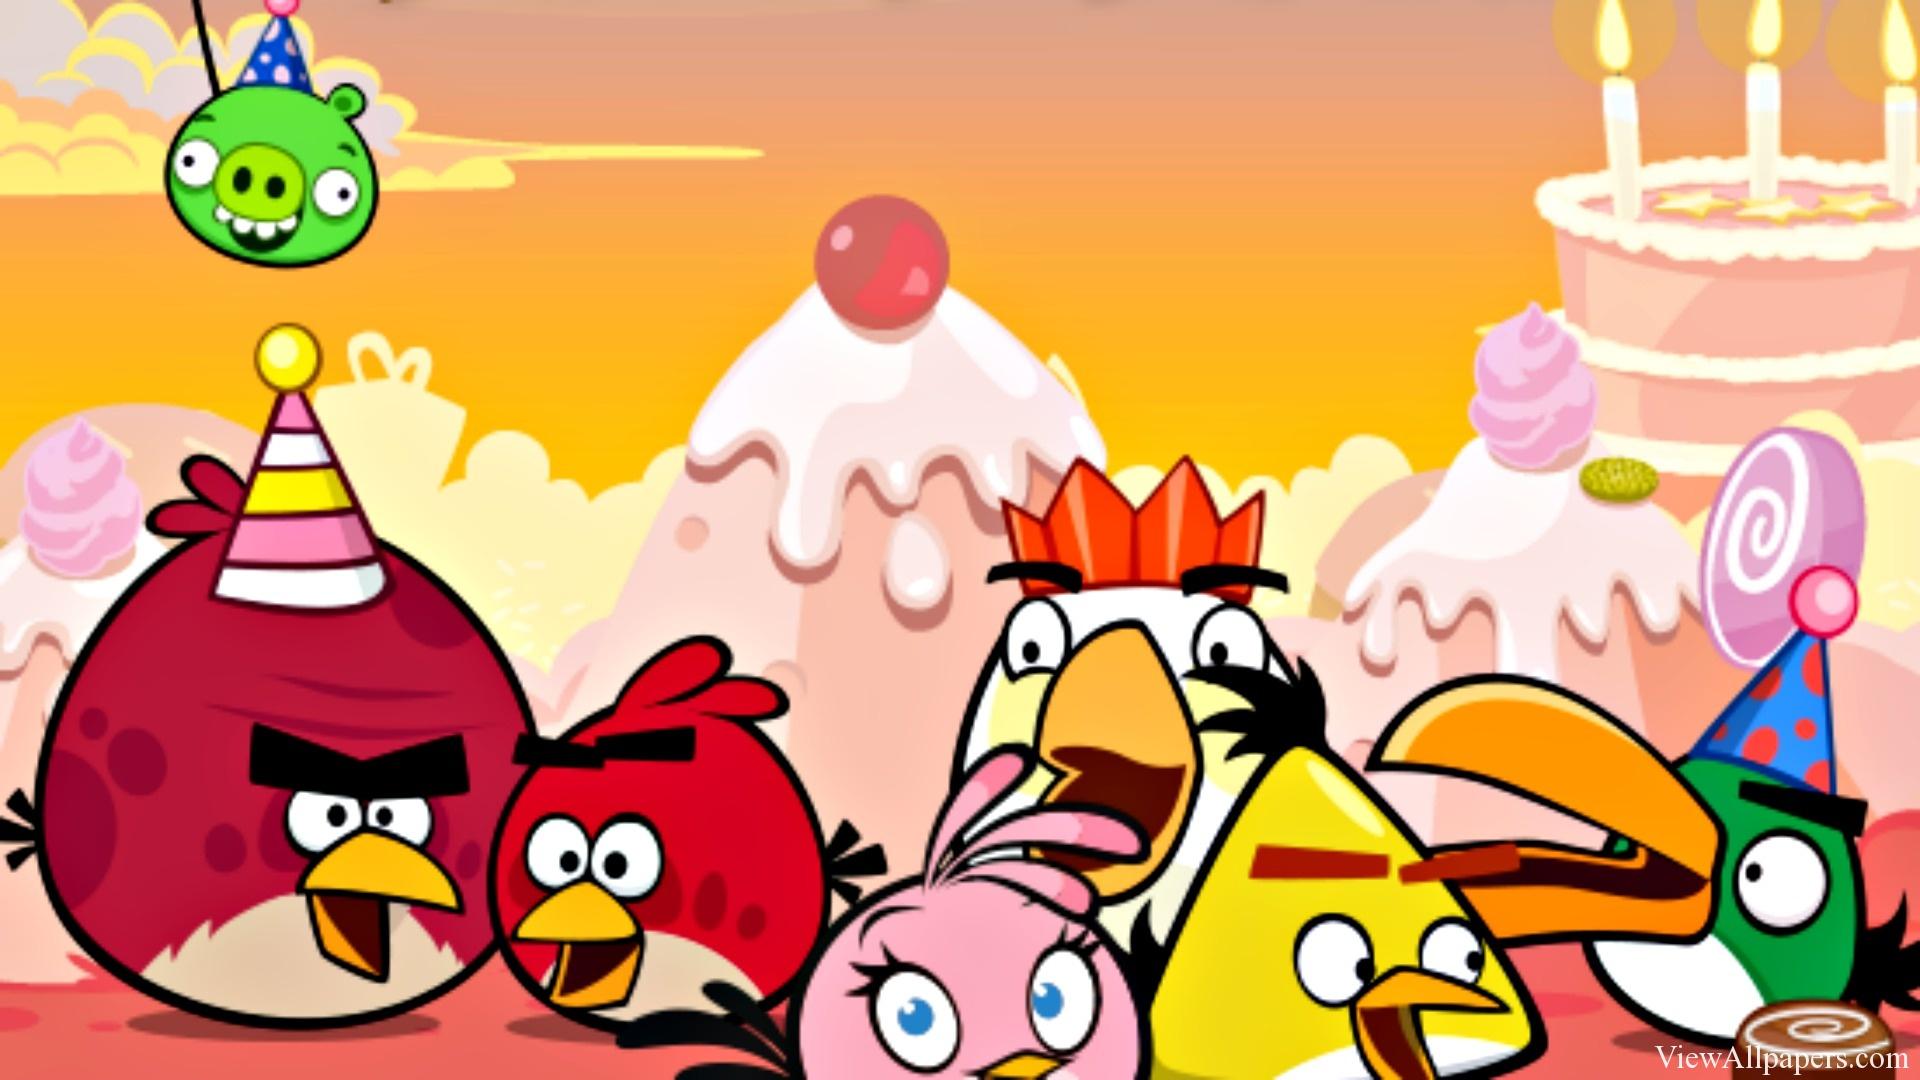 Angry Birds Wallpaper Free Download Wallpapersafari